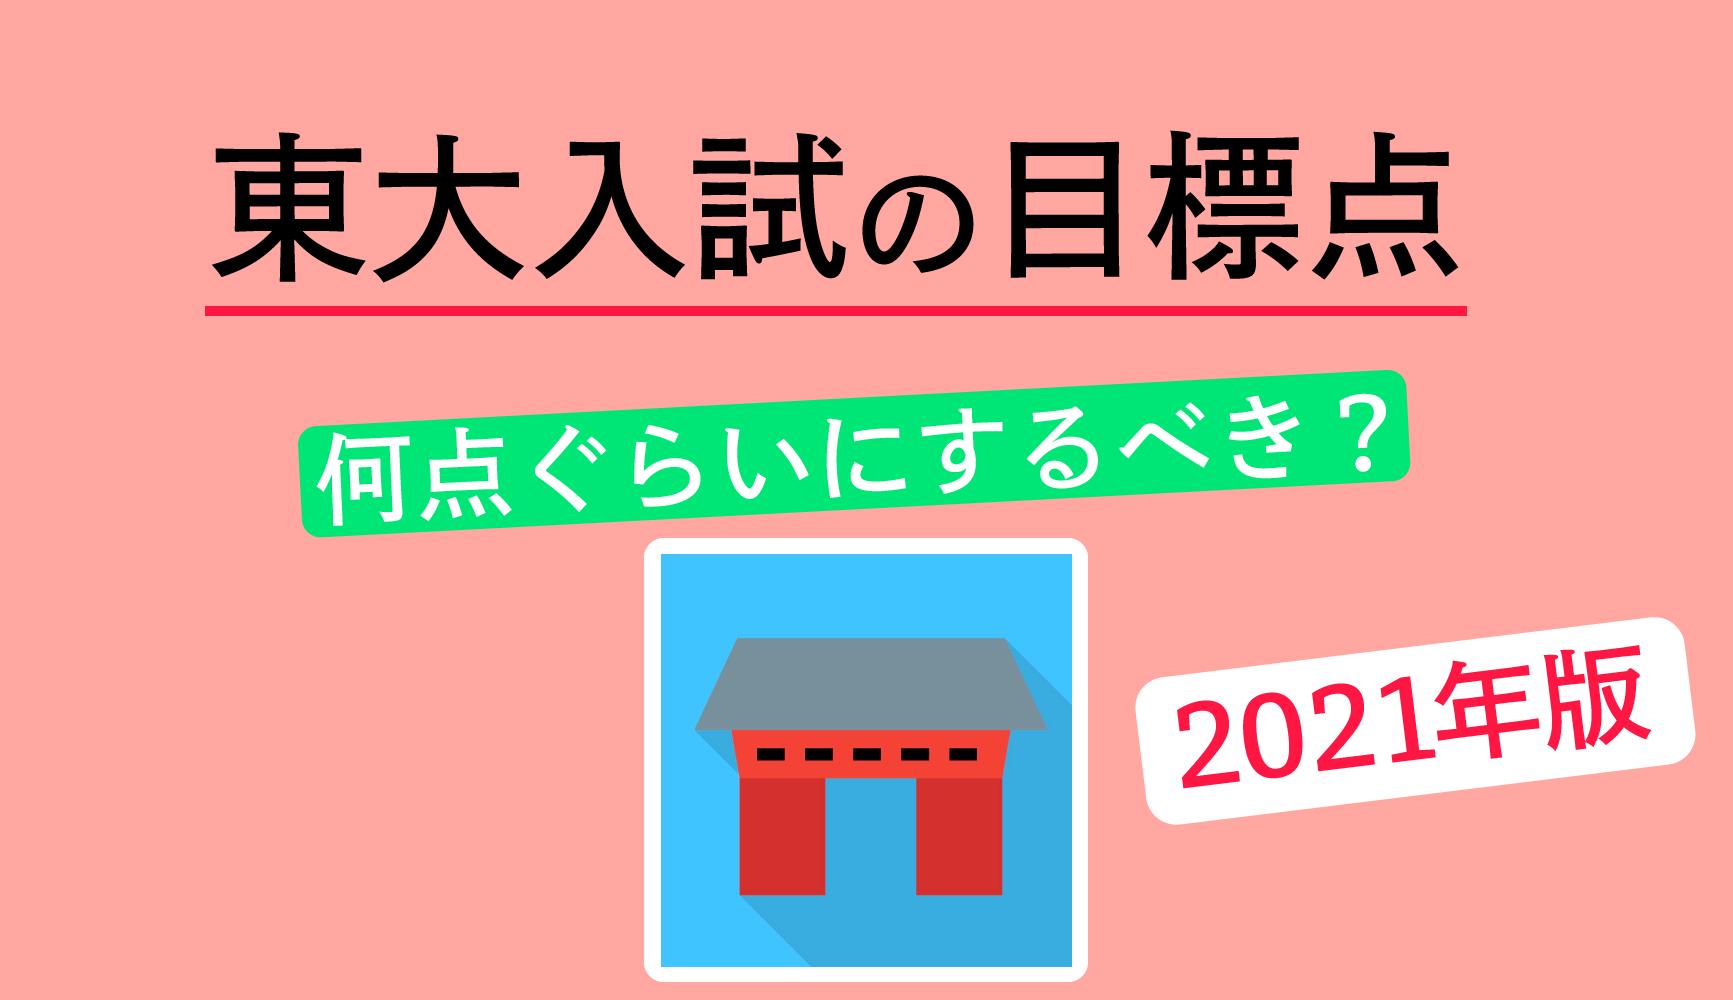 【2021年版】東大入試の合格最低点と目標点はどのくらい?現役東大生が解説!